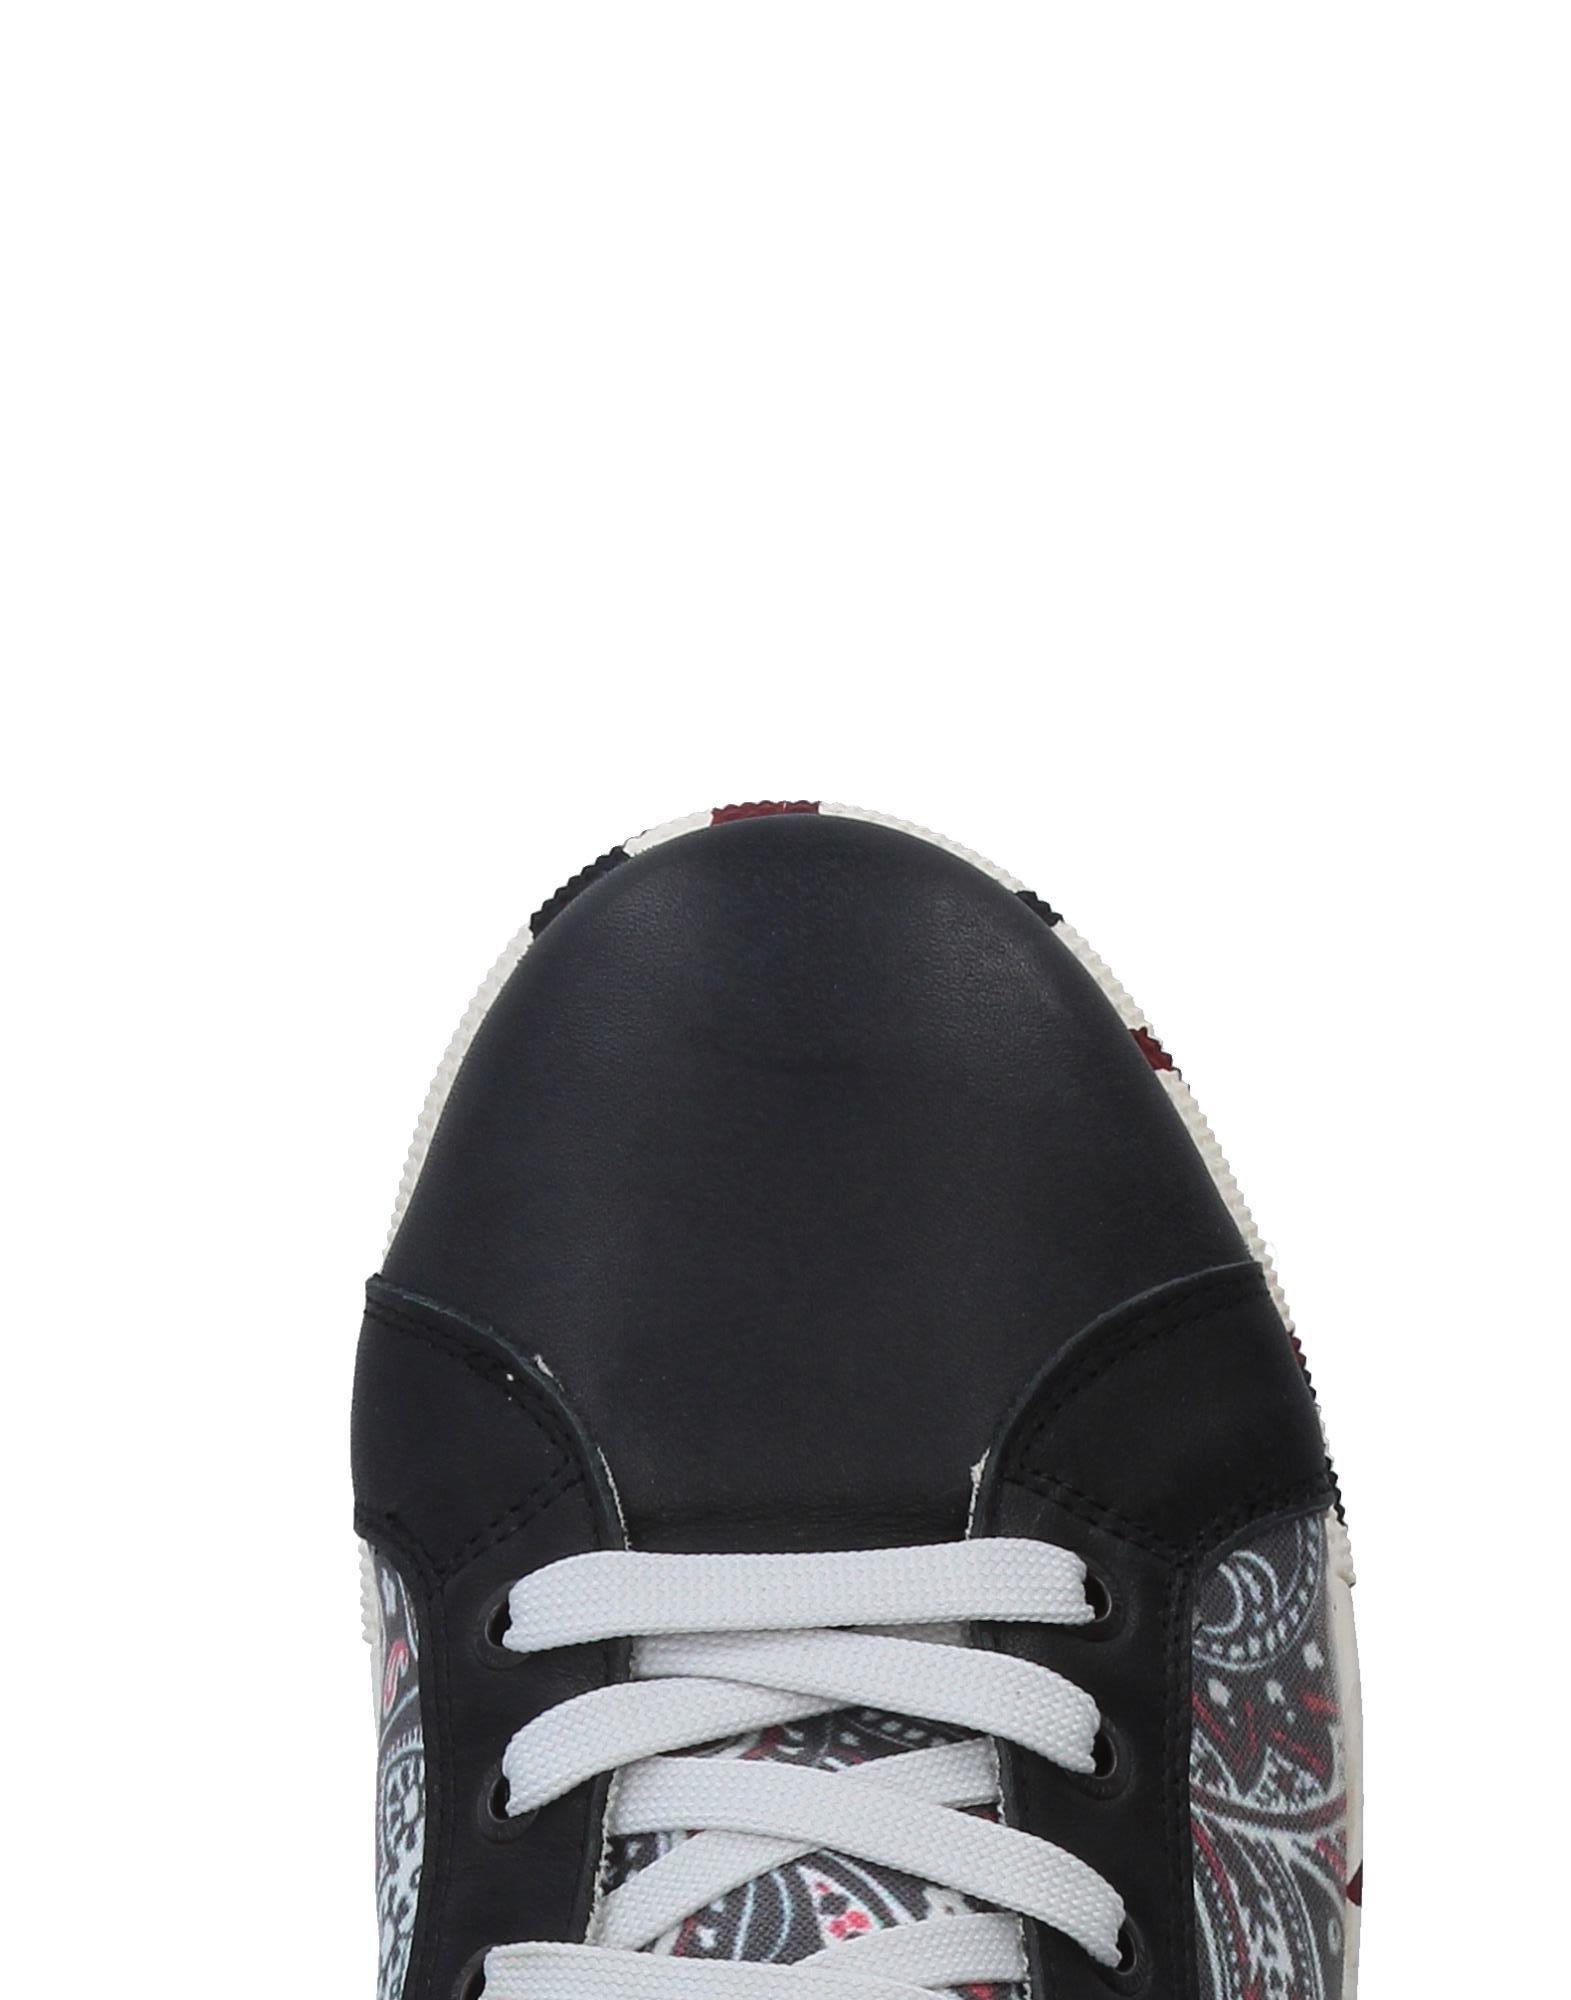 Rabatt Schuhe echte Schuhe Rabatt Springa Sneakers Herren  11329349GN 442764